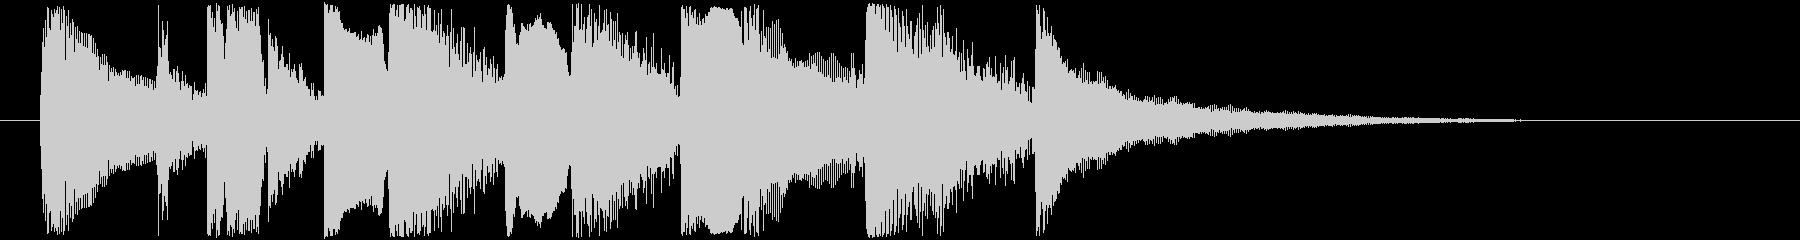 ラグタイムギターのジングルの未再生の波形